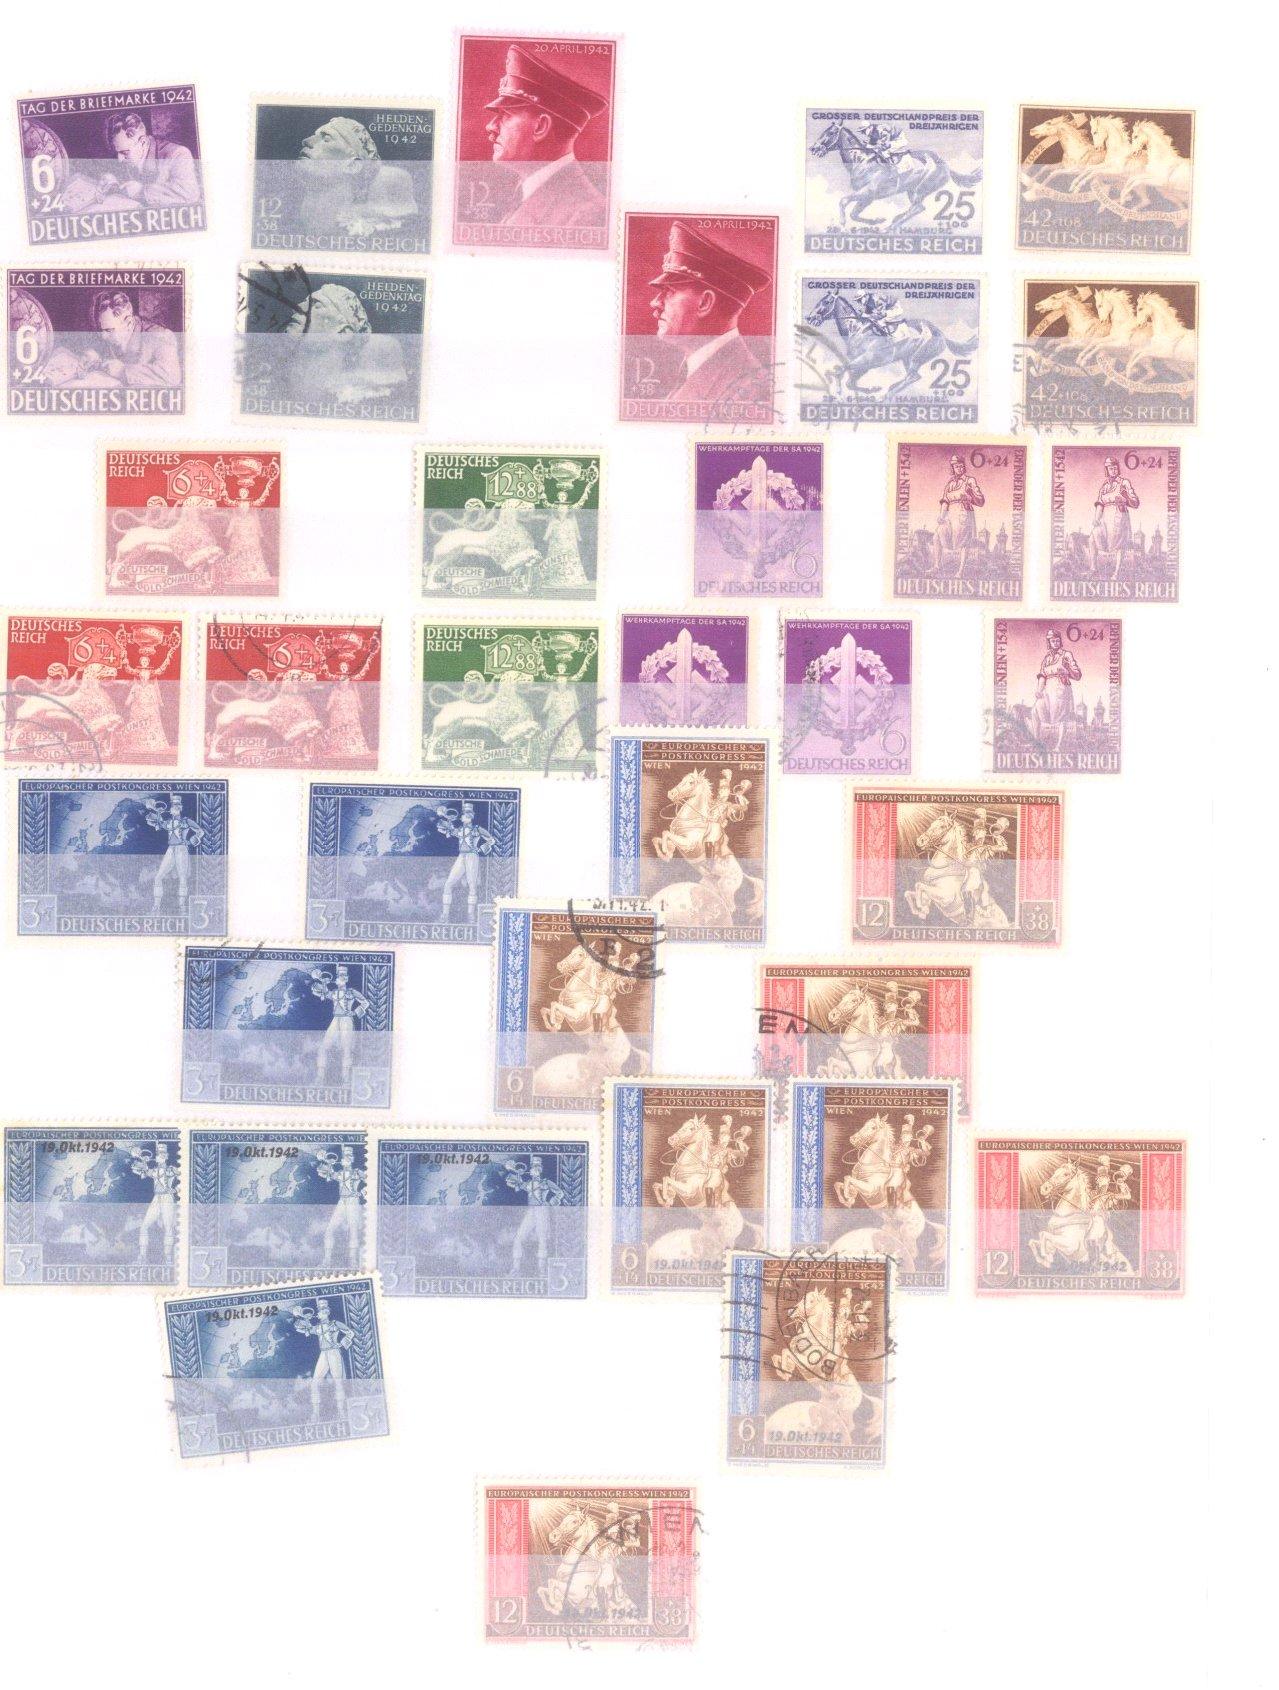 Sammlung Deutsches Reich in 2 Alben, 1933-1945-22